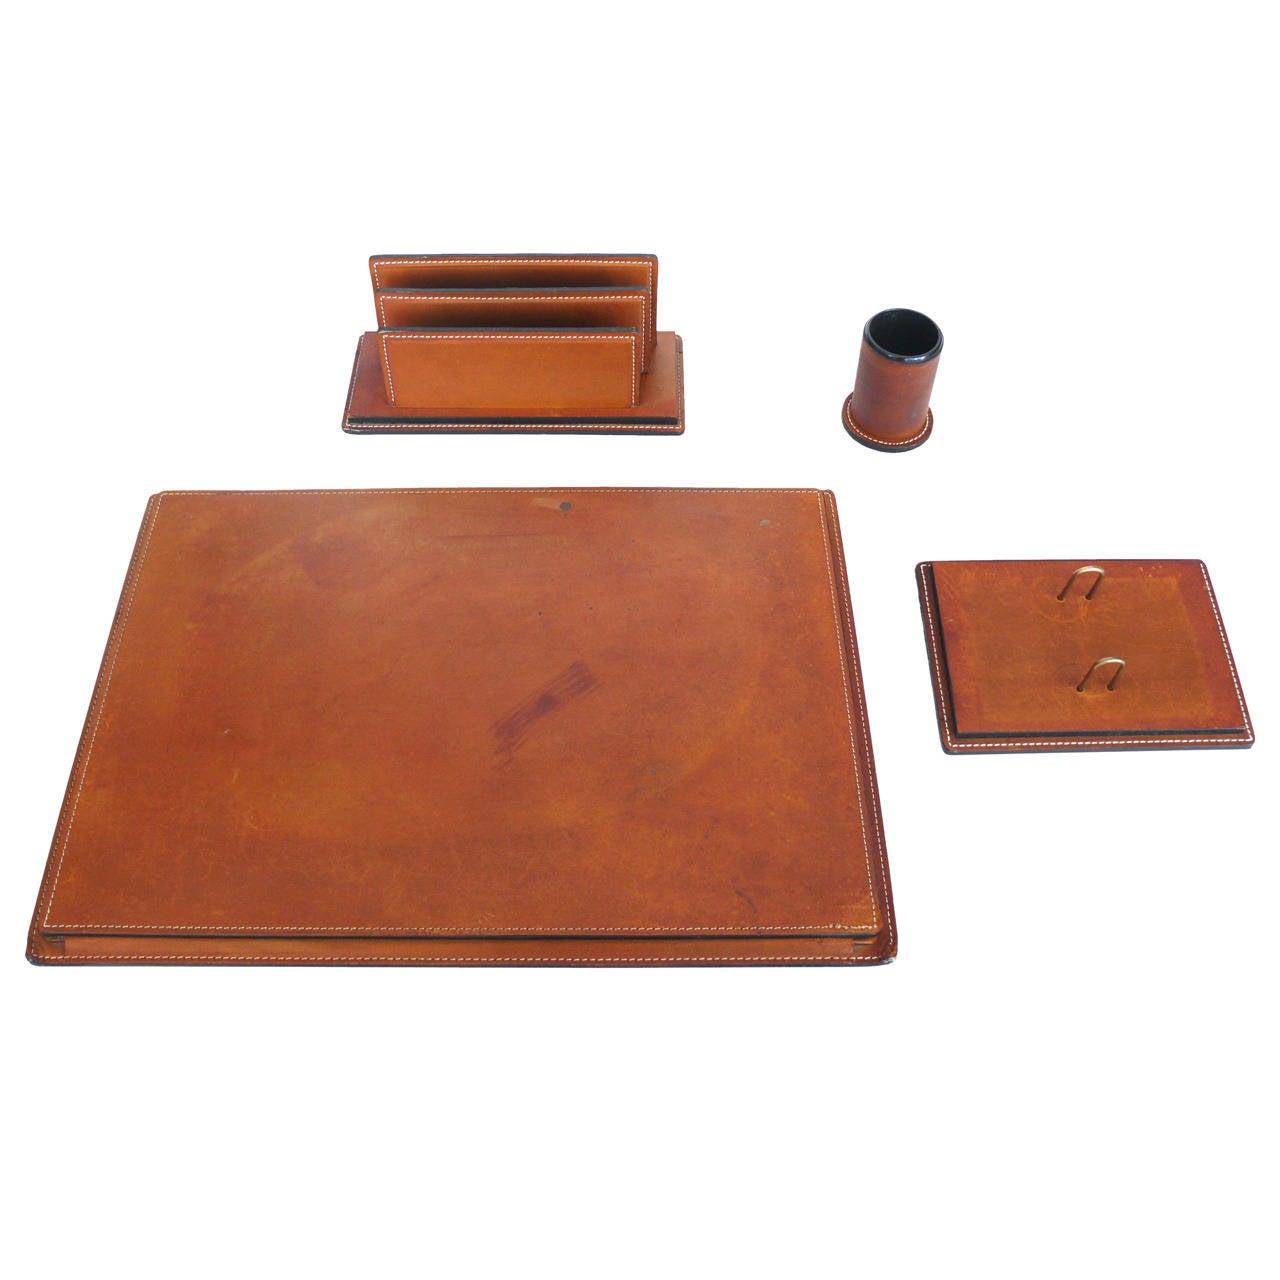 french leather desk set at 1stdibs. Black Bedroom Furniture Sets. Home Design Ideas